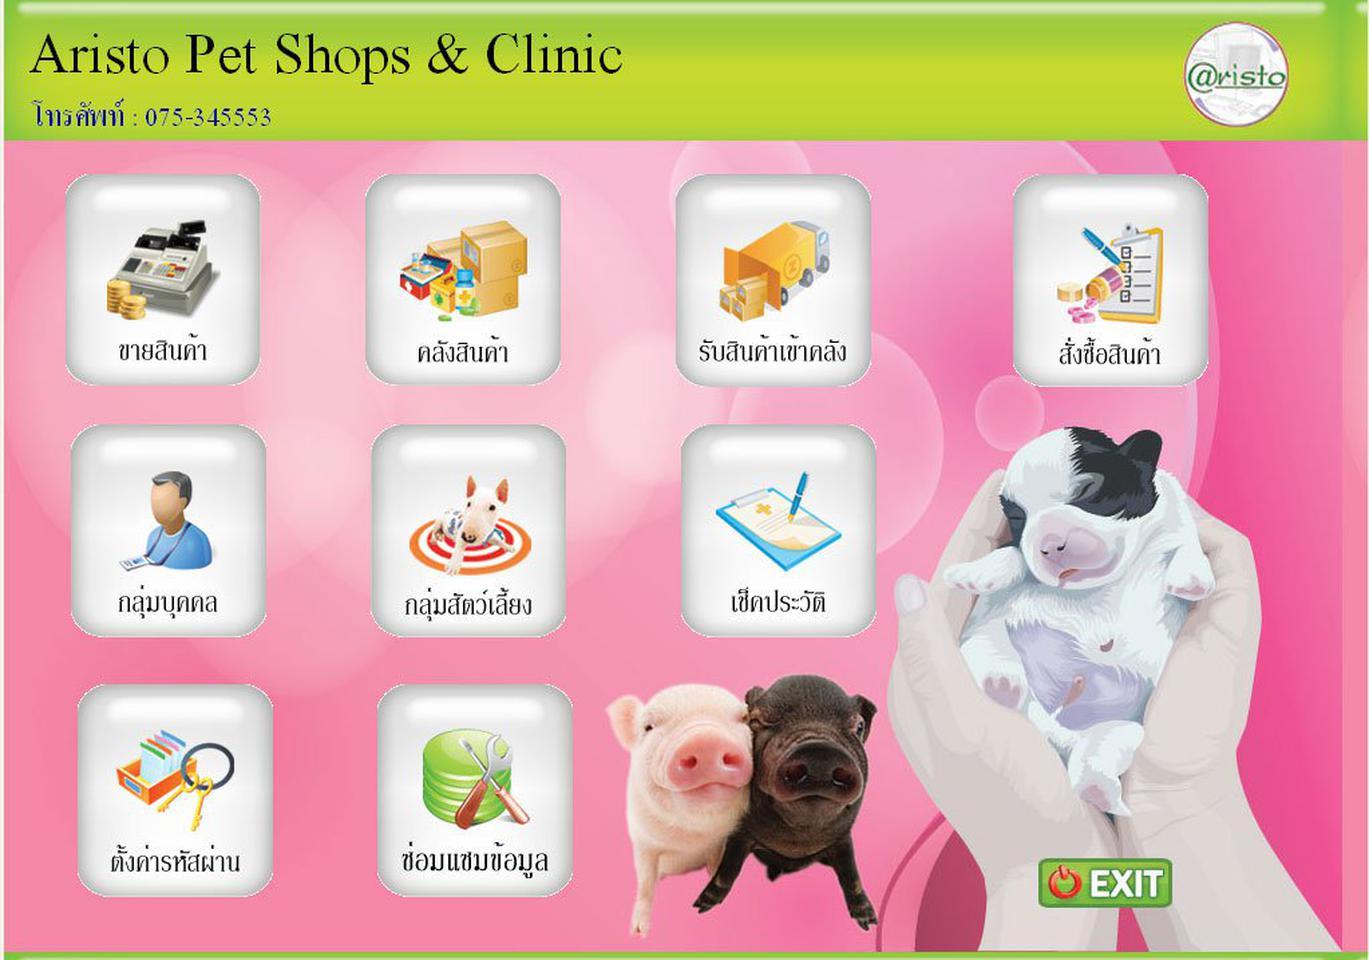 โปรแกรมคลินิกสัตว์เลี้ยง , สถานพยาบาลสัตว์เลี้ยง , โรงพยาบาลสัตว์ , ร้านขายของสัตว์เลี้ยง รูปที่ 2